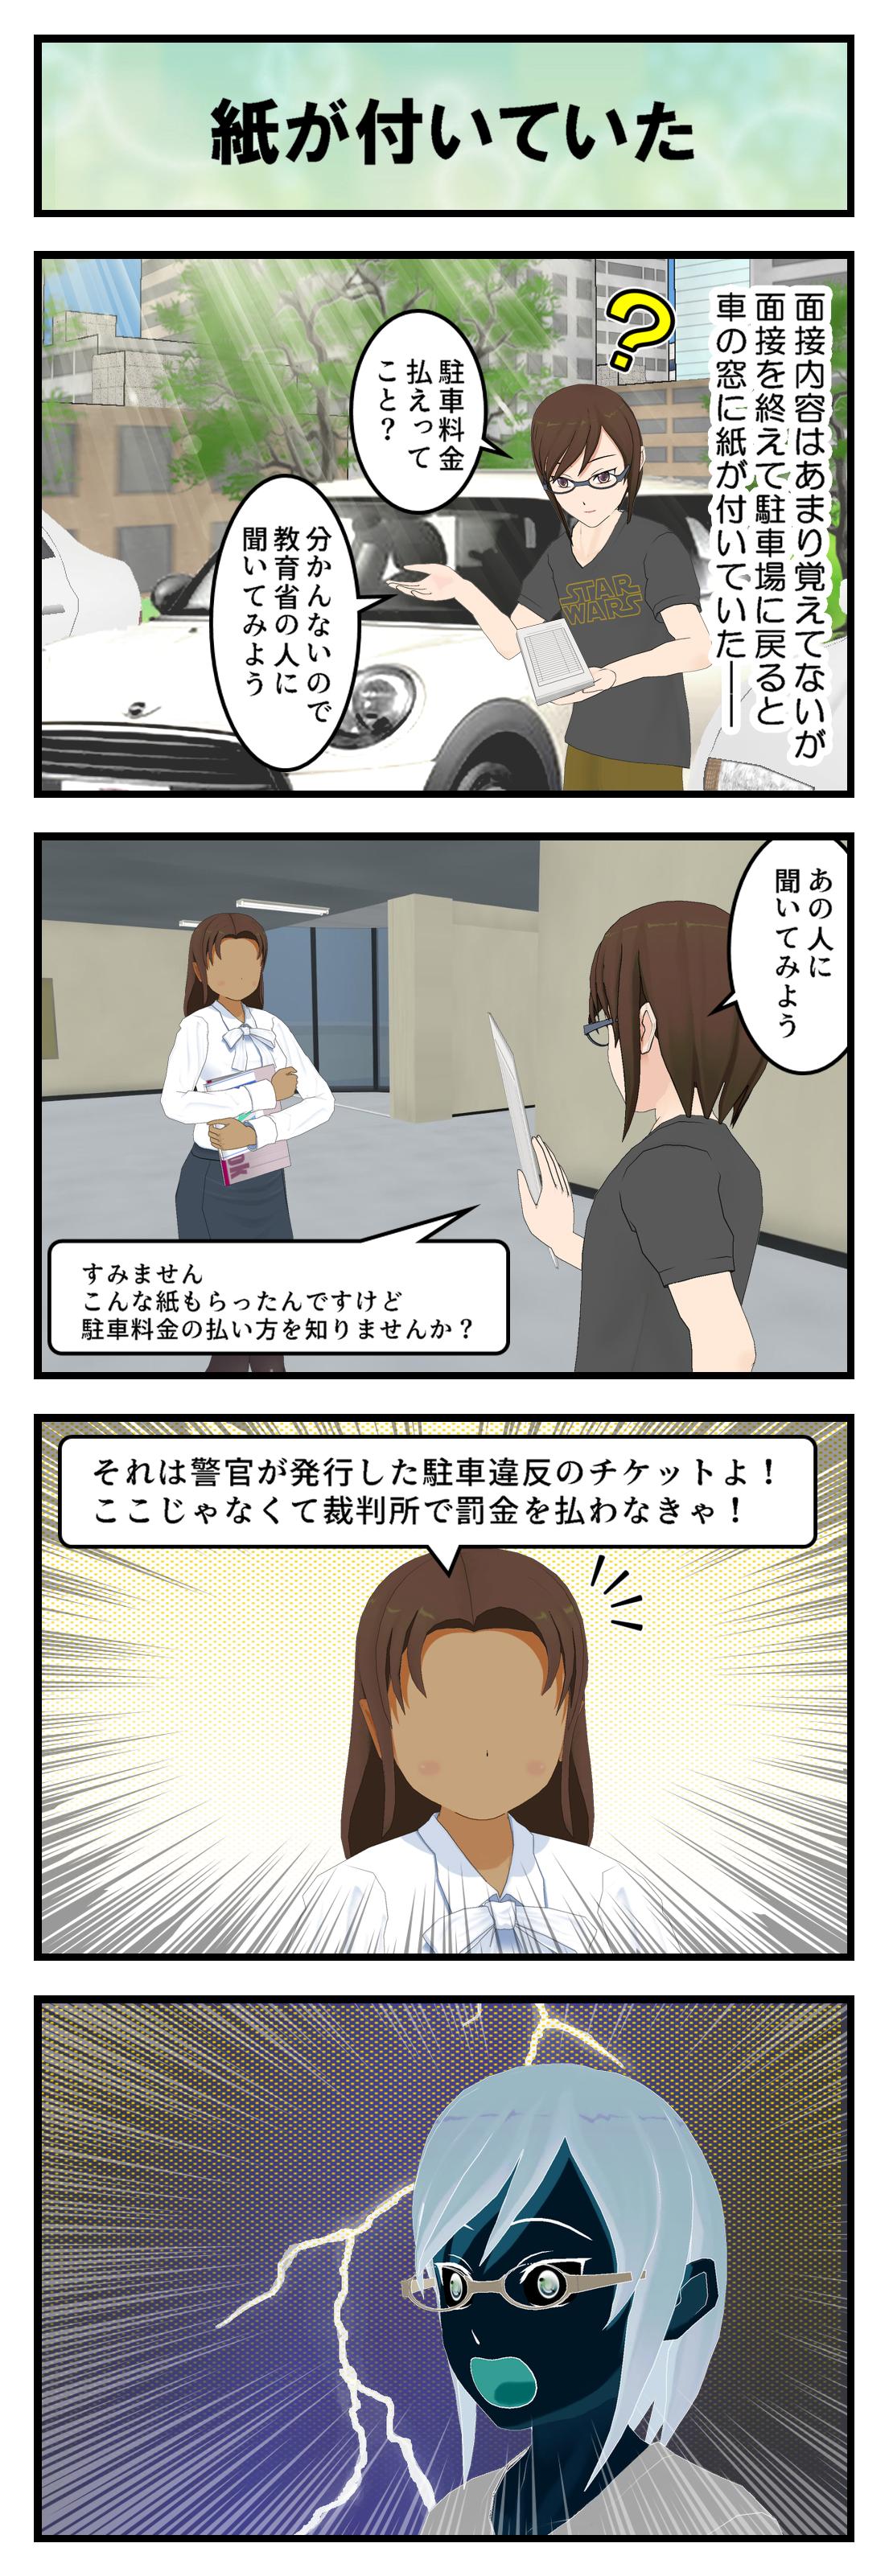 R473_DOE面接_001